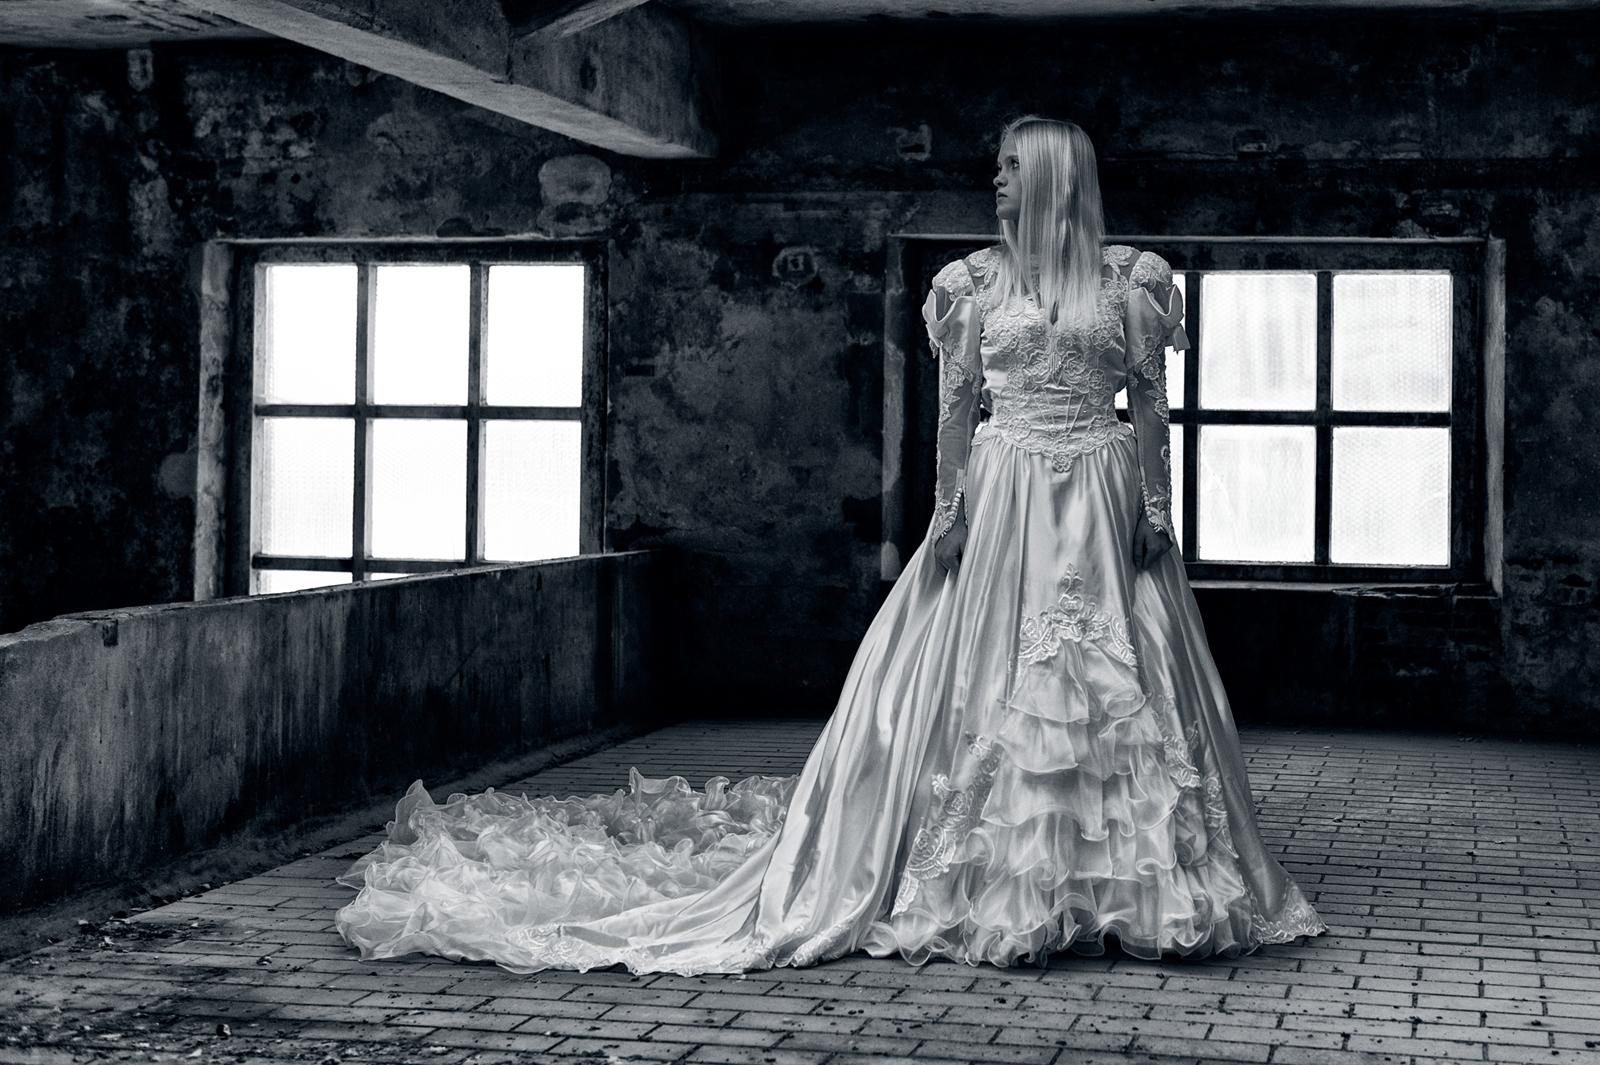 Vrouw in oude fabriek met lange trouwjurk